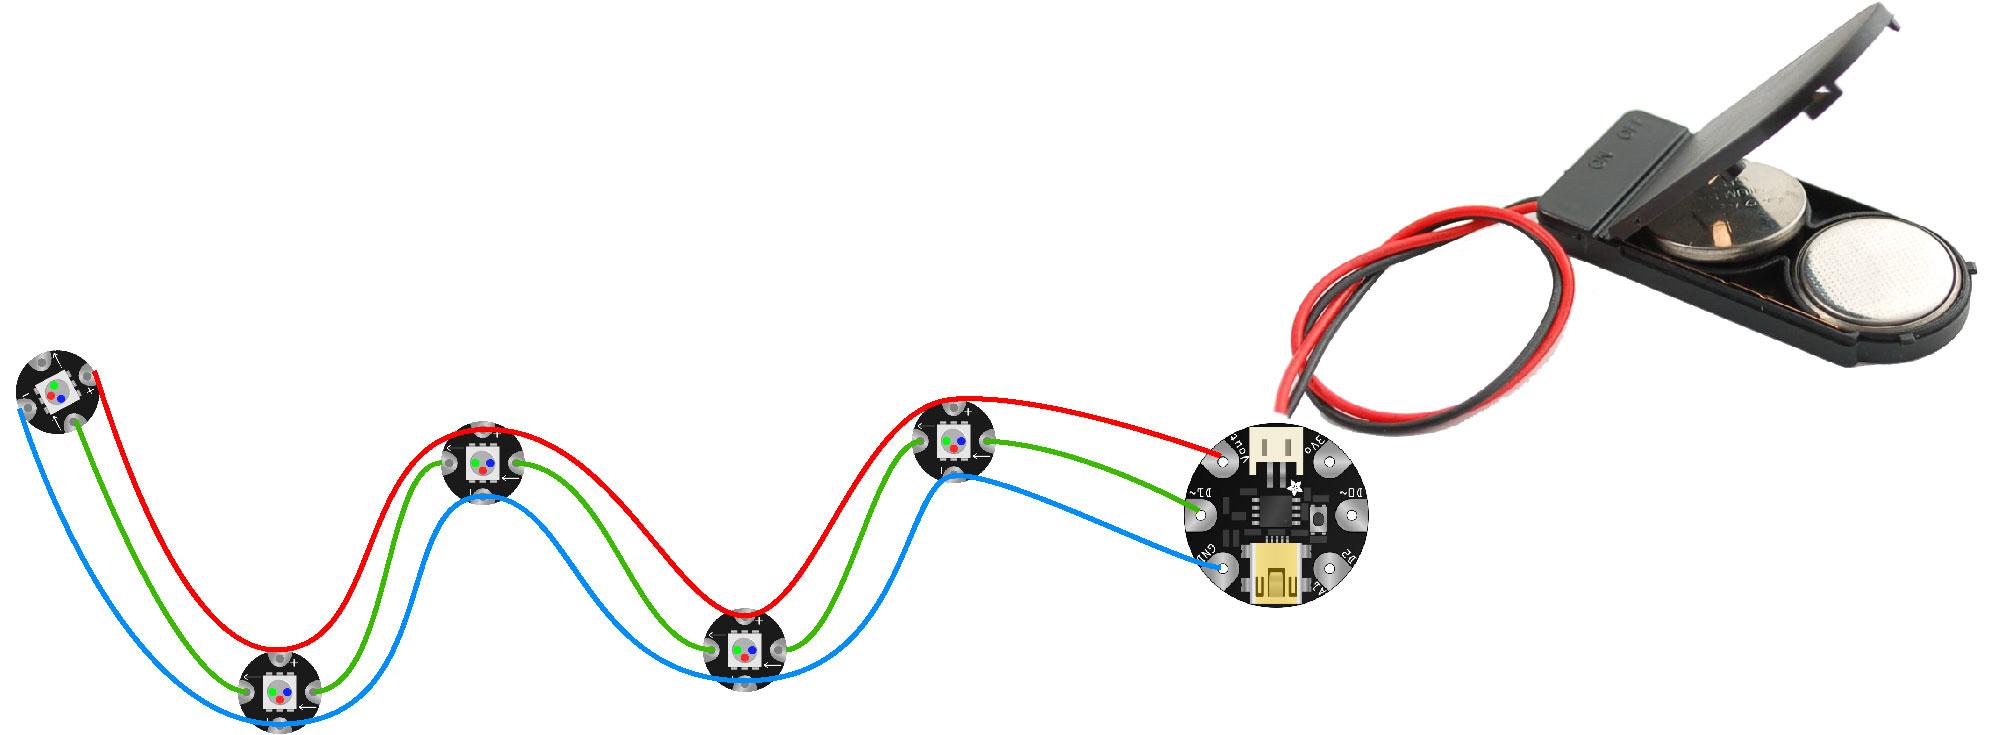 flora_space-face-adafruit-circuit-diagram.jpg